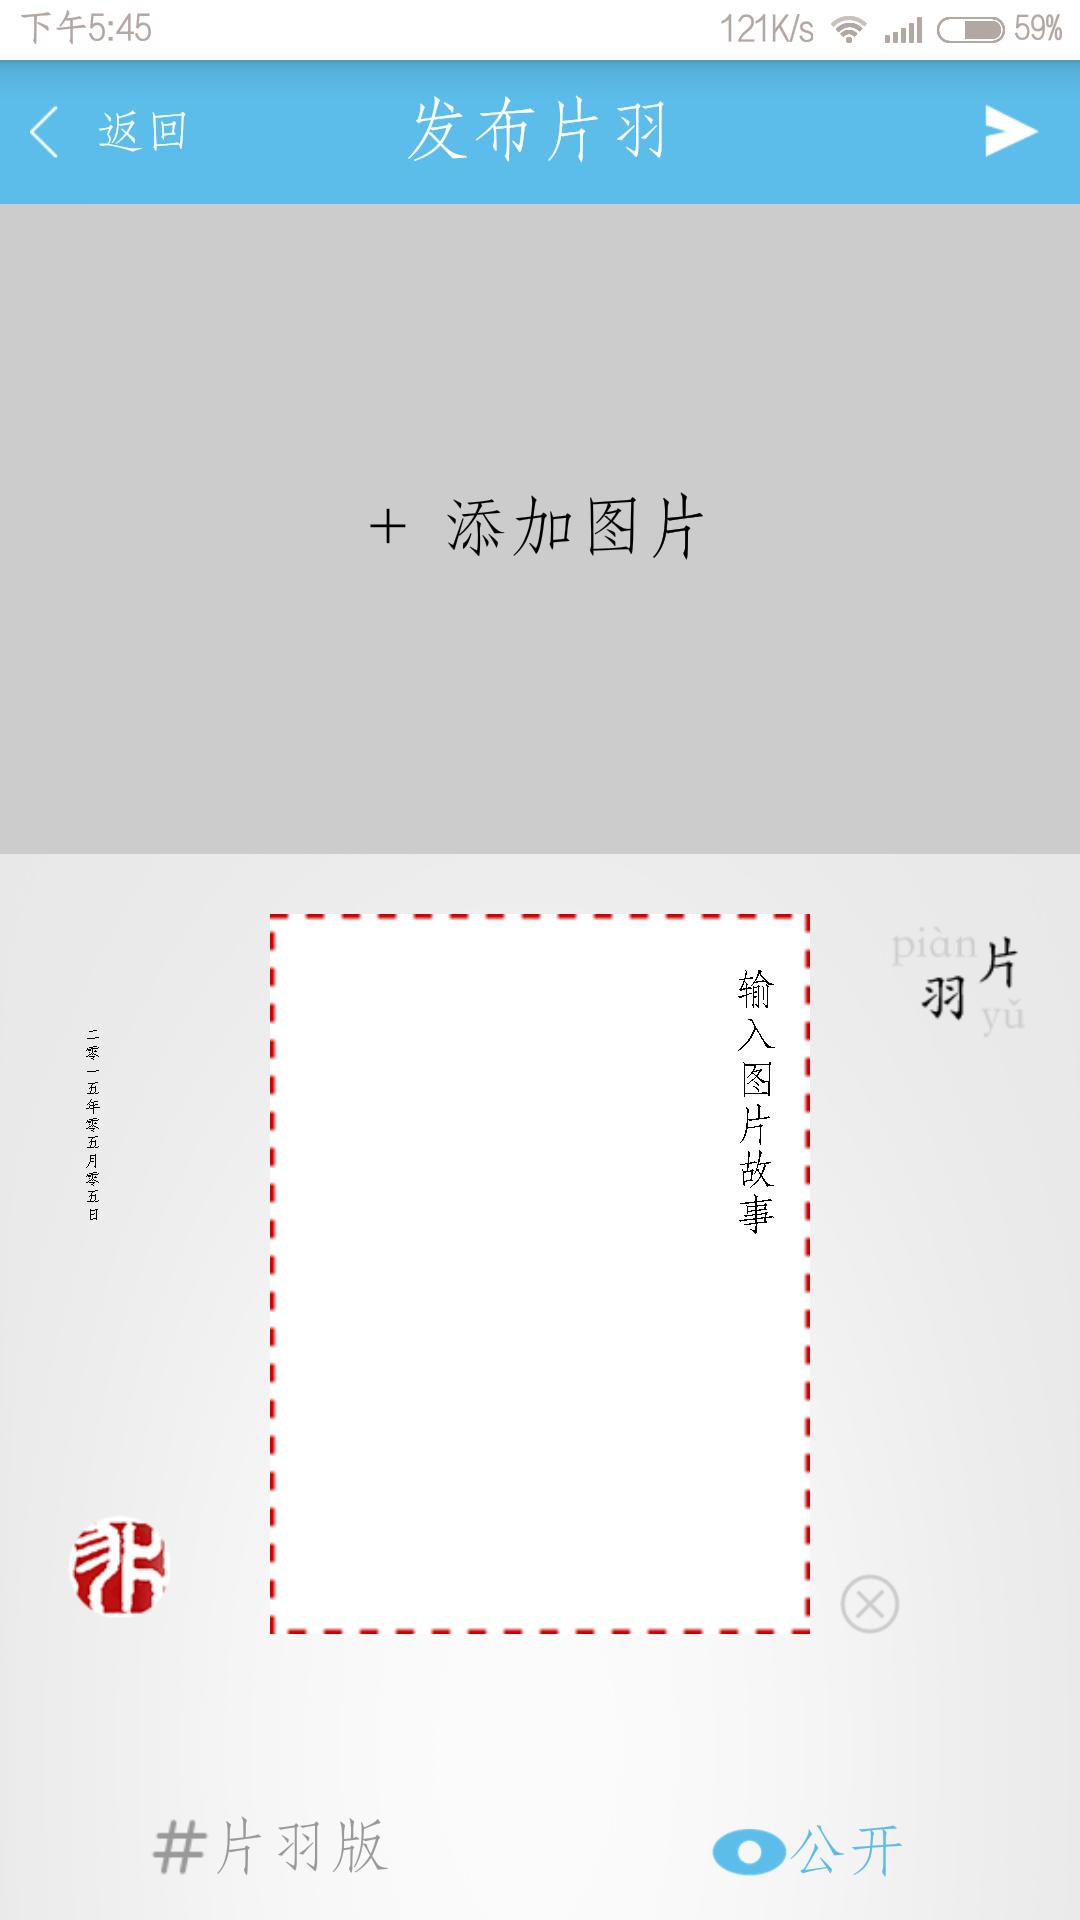 心形信纸折叠步骤